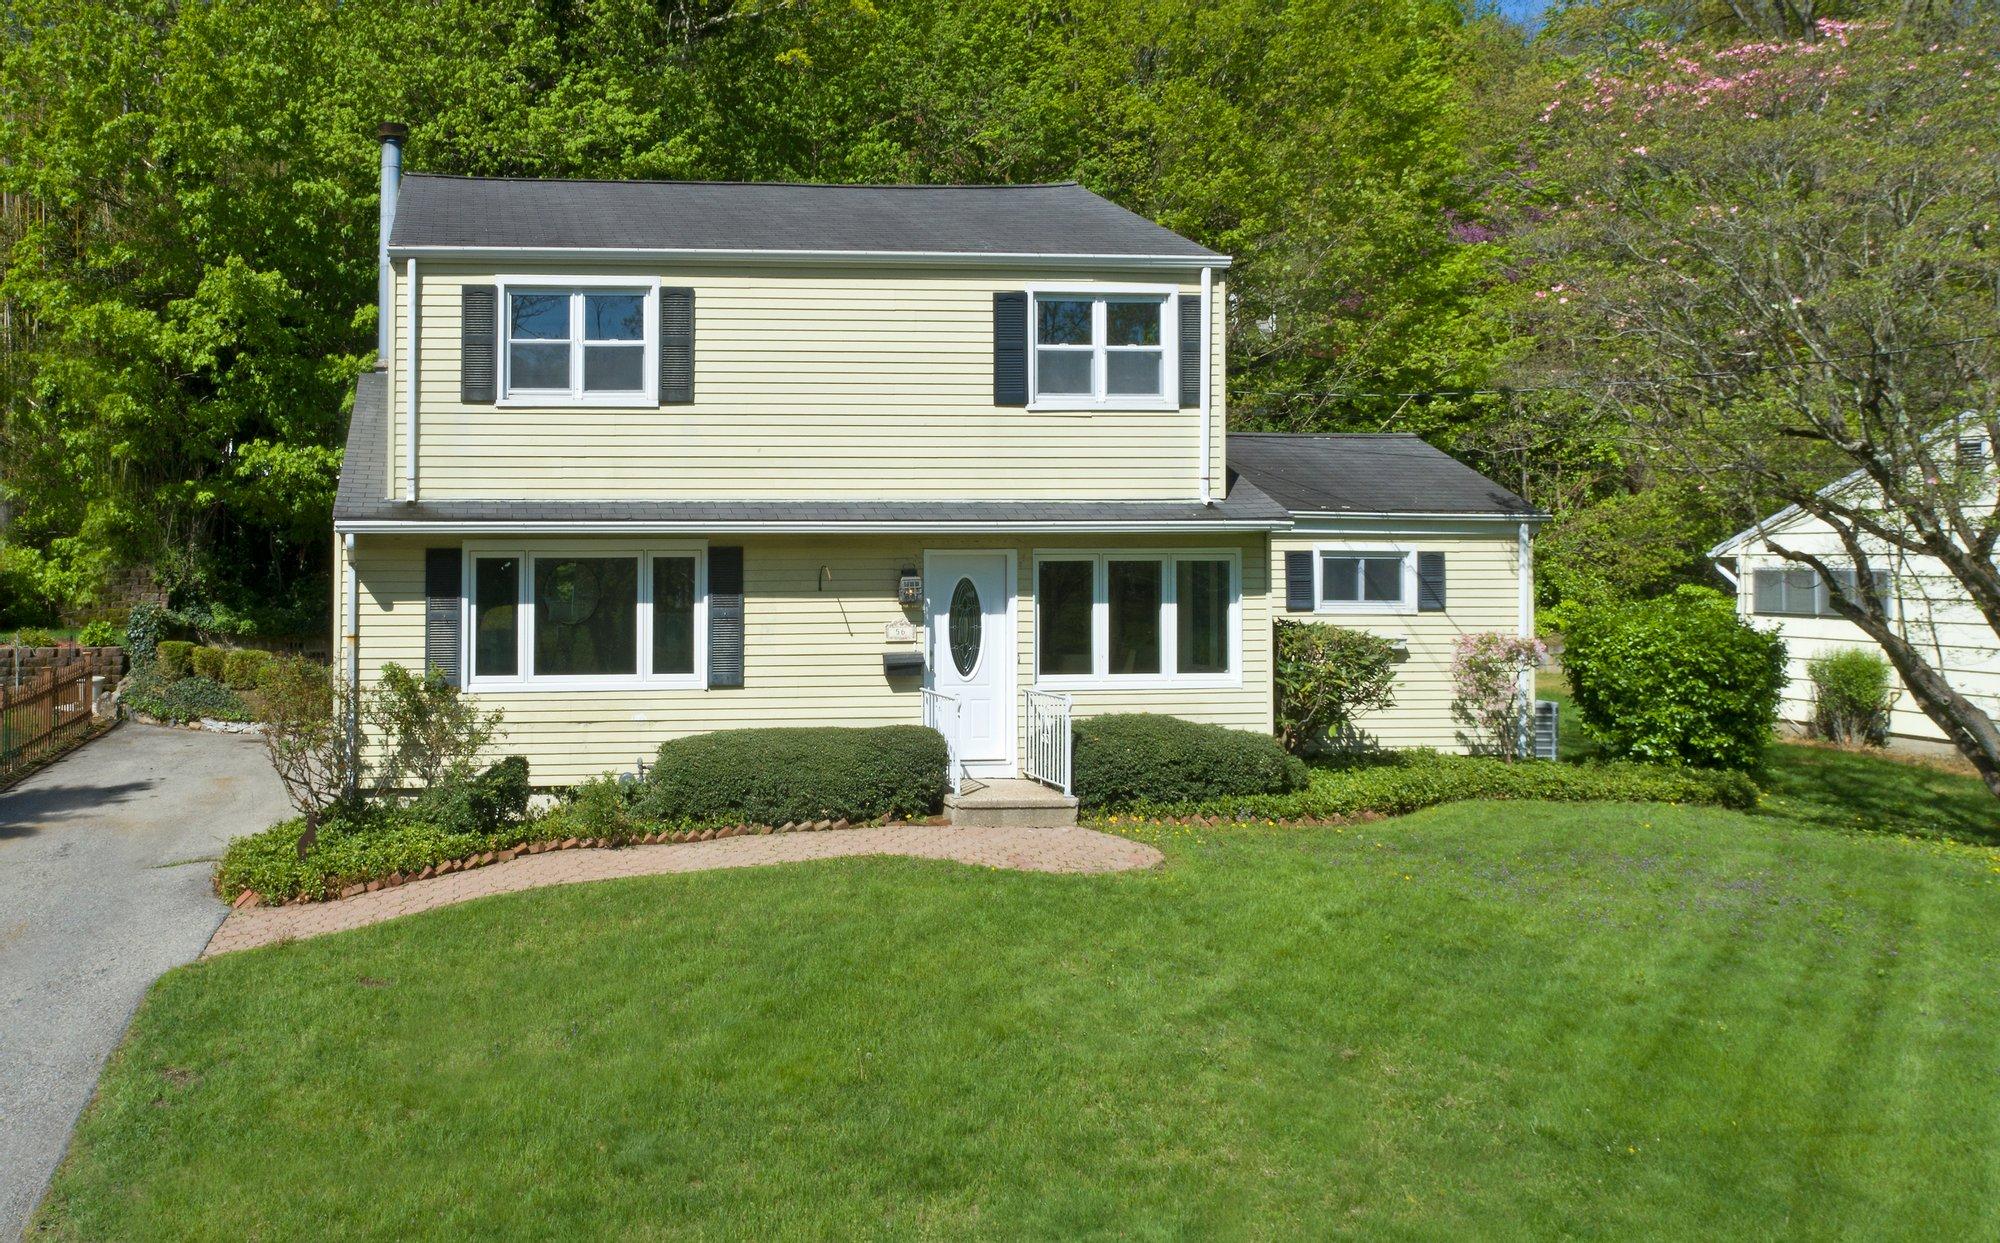 Casa a Greenwich, Connecticut, Stati Uniti 1 - 11441425